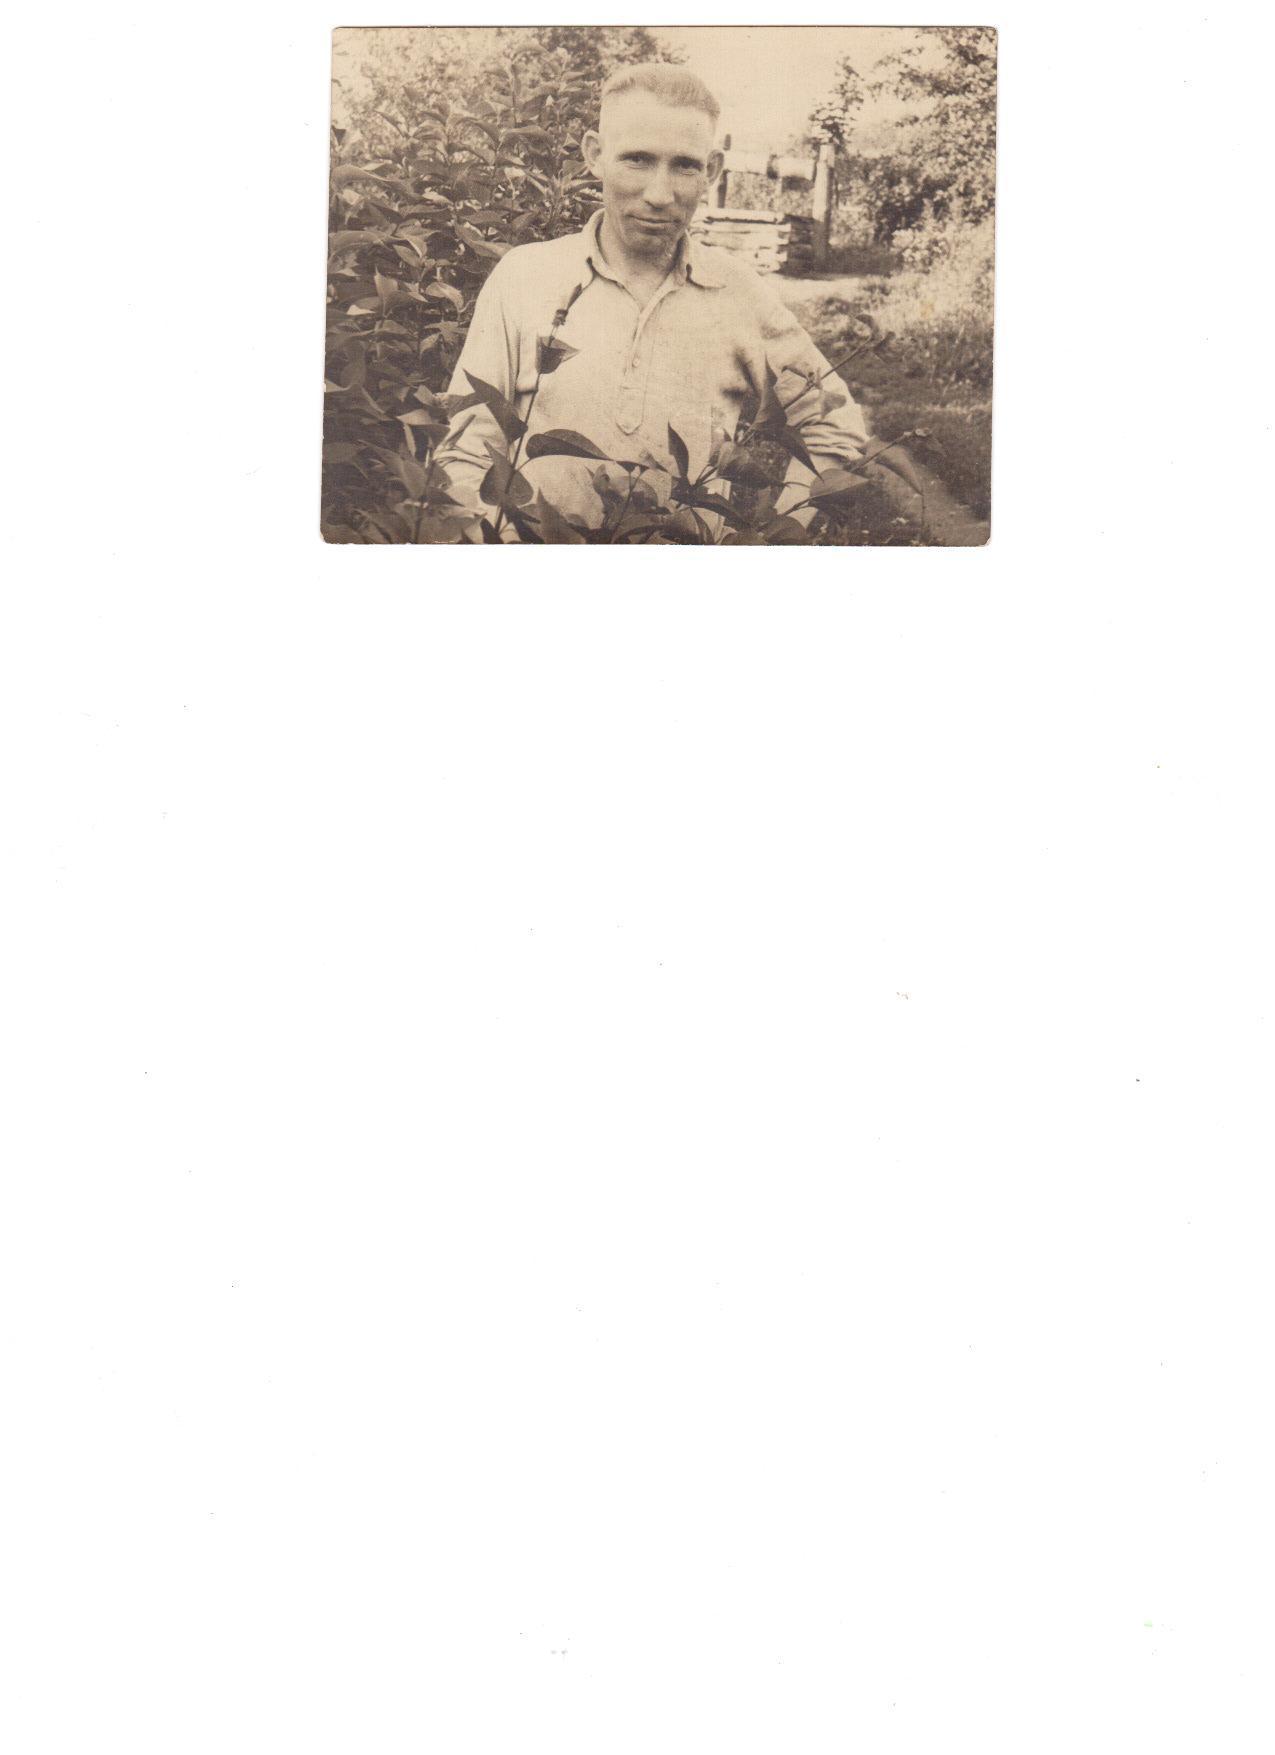 C:\Documents and Settings\Admin\Рабочий стол\Бессмертный полк. Ртищевы\Д.Гриша\доп.фото деда Гриши\Копия фото деда7.jpg